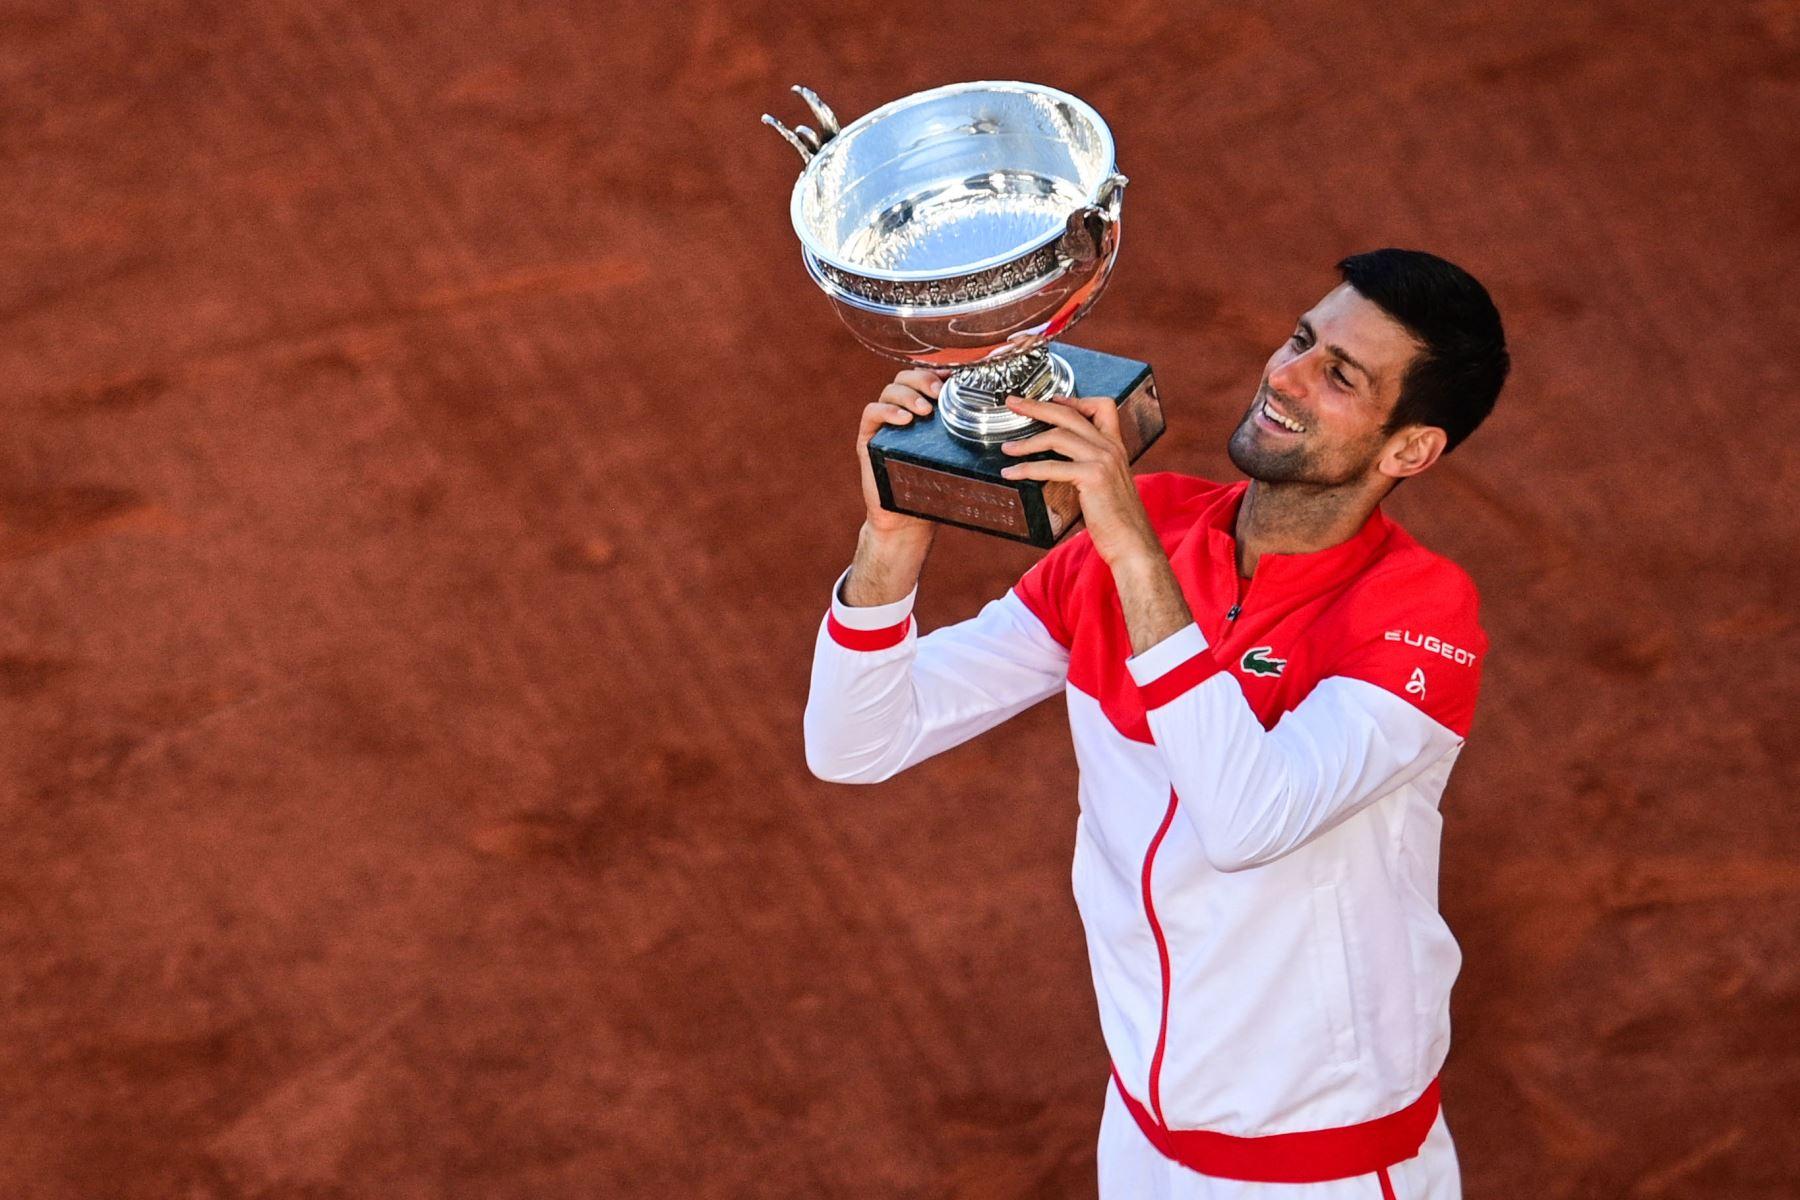 El serbio Novak Djokovic posa con la Copa Mousquetaires (Los Mosqueteros) después de vencer al griego Stefanos Tsitsipas al final de su último partido de tenis masculino el día 15 del torneo de tenis Roland Garros 2021 del Abierto de Francia en París. Foto: AFP